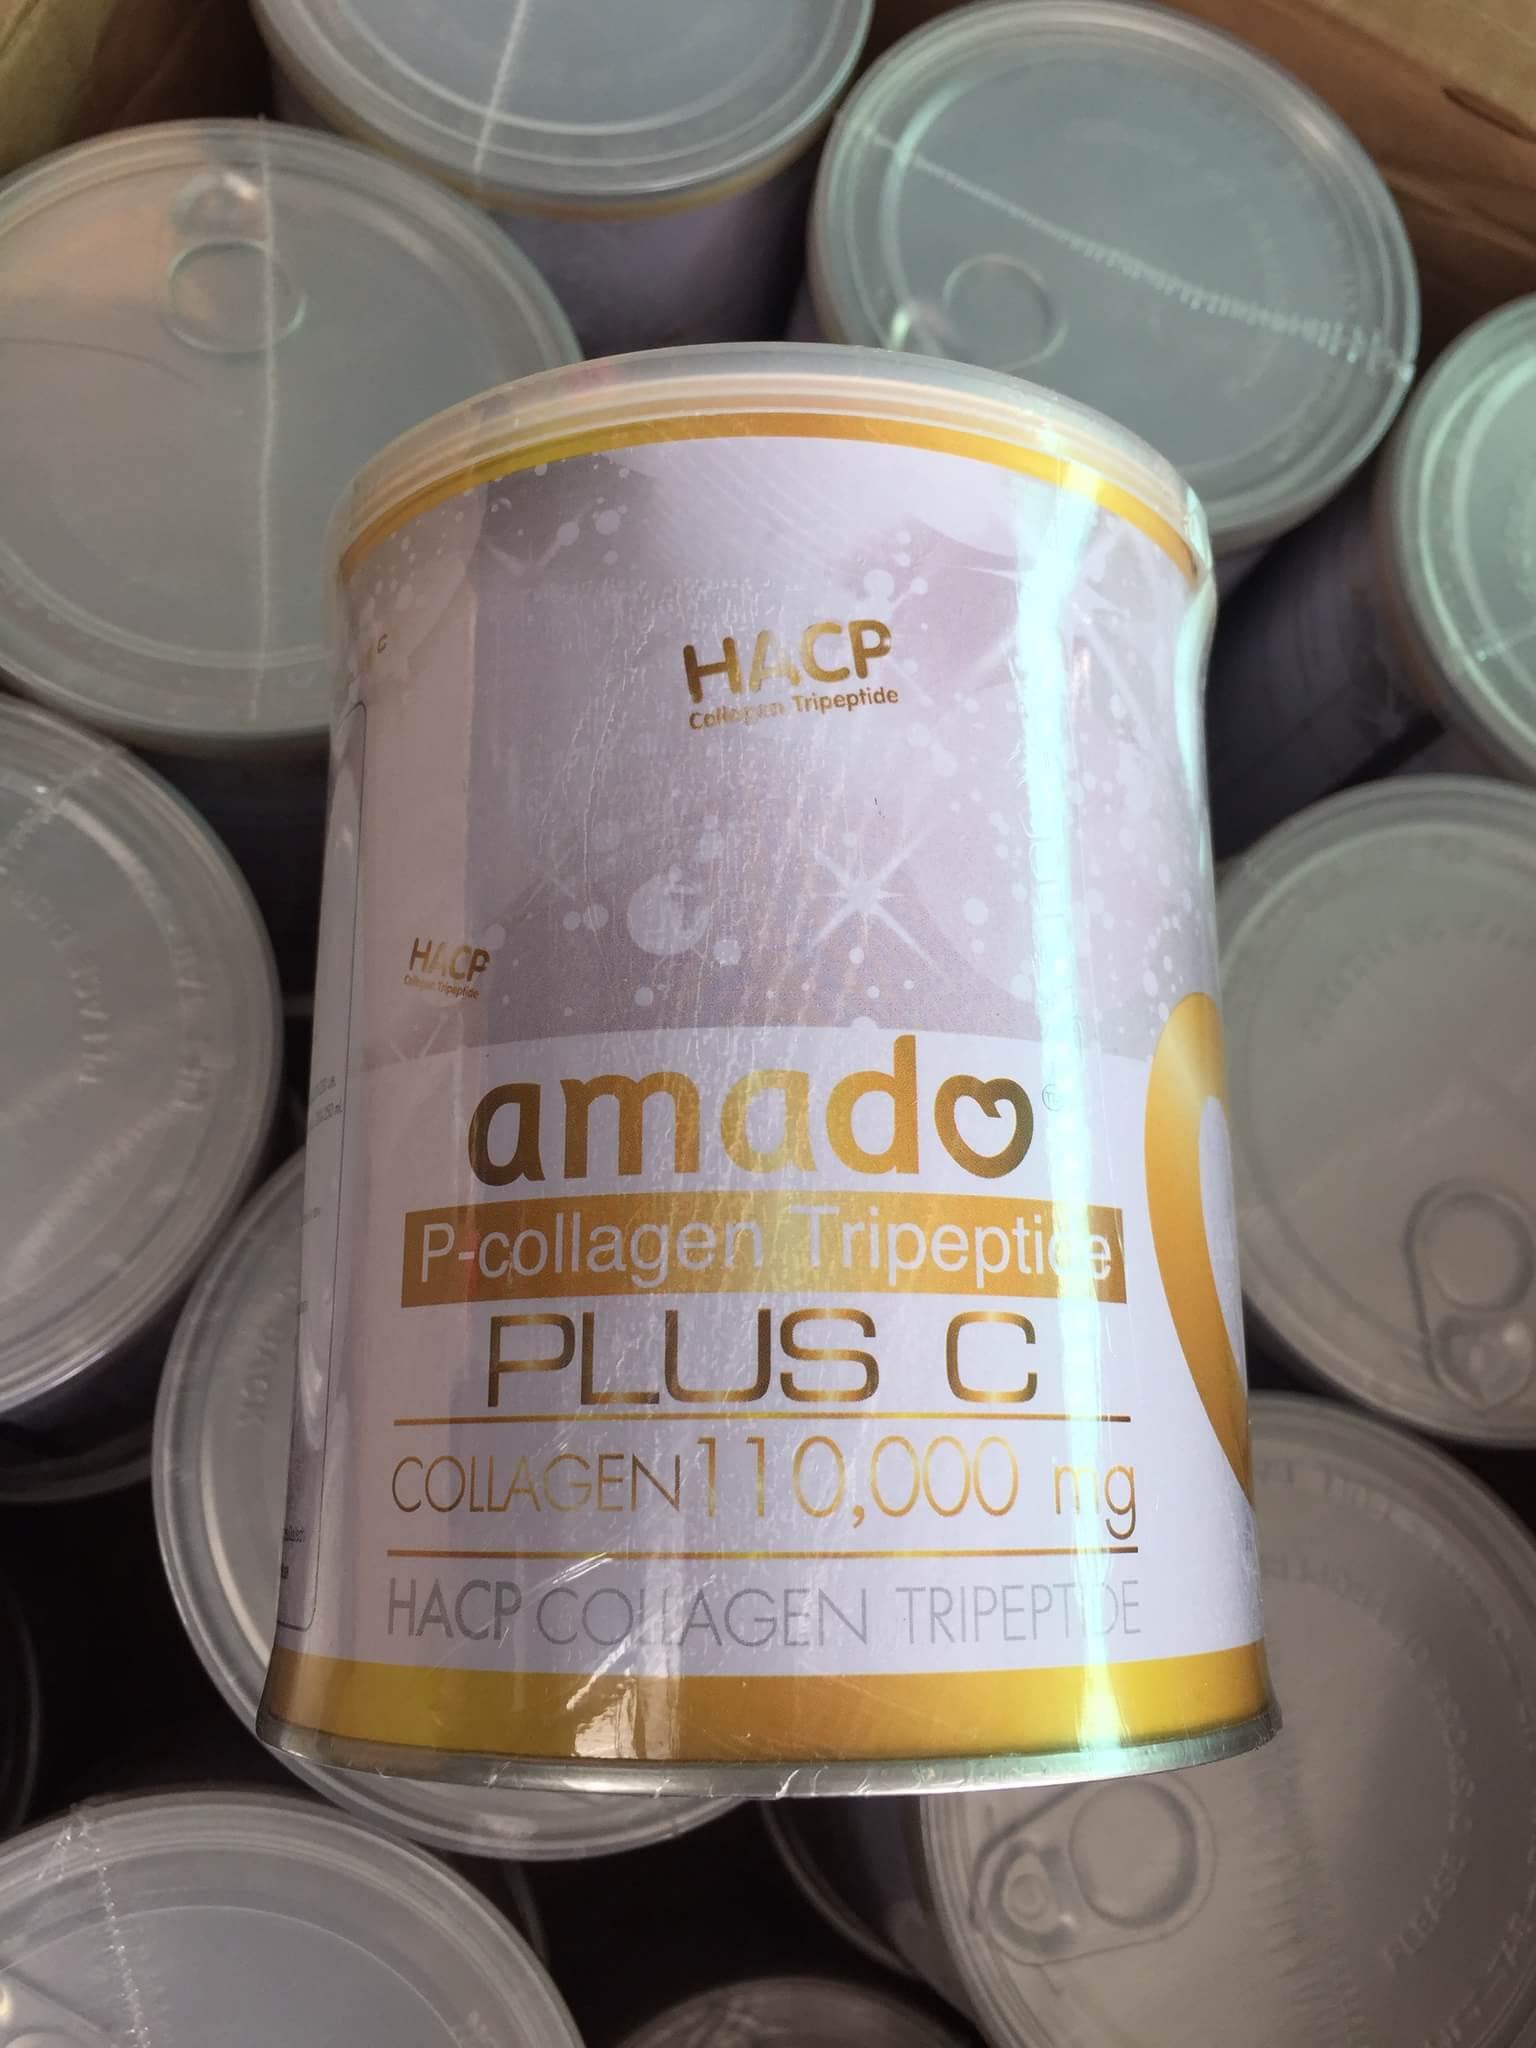 ( (2 ปุก ฟรี 1 ปุก ) Amado P-Collagen Tripeptide Plus C 110,000 Mg. อมาโด้ พี คอลลาเจน ไตรเปปไทด์ พลัส สูตรใหม่ขาวไว 2 เท่า